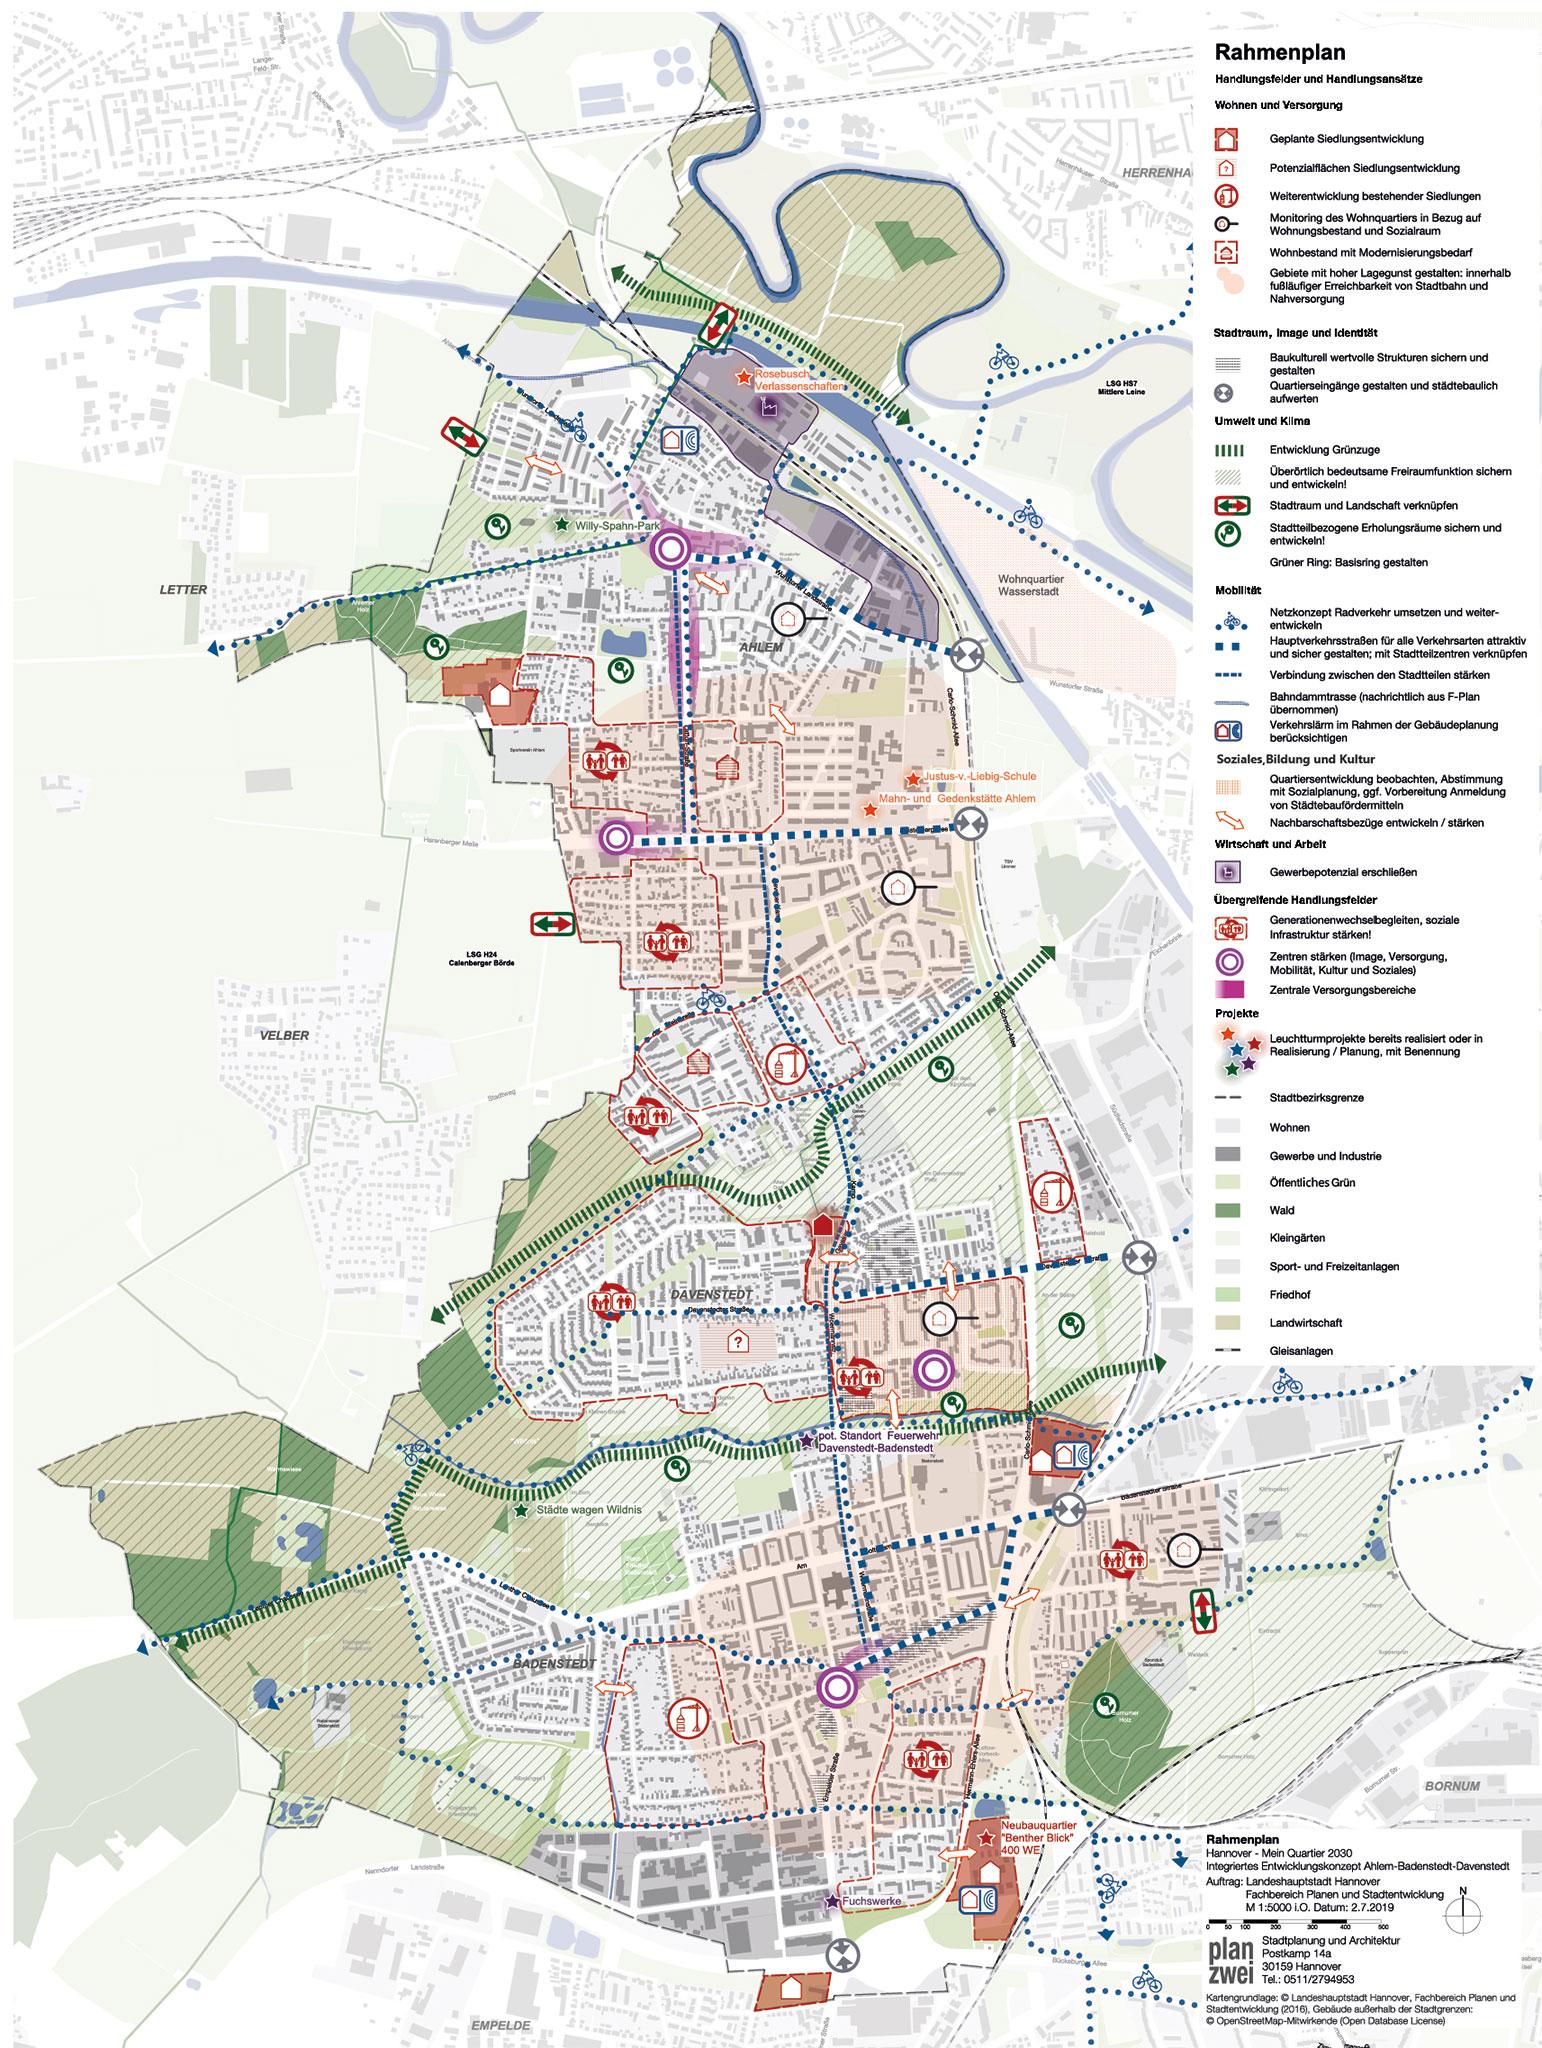 Kartenansicht der Stadtteile Ahlem, Badenstedt und Davenstedt